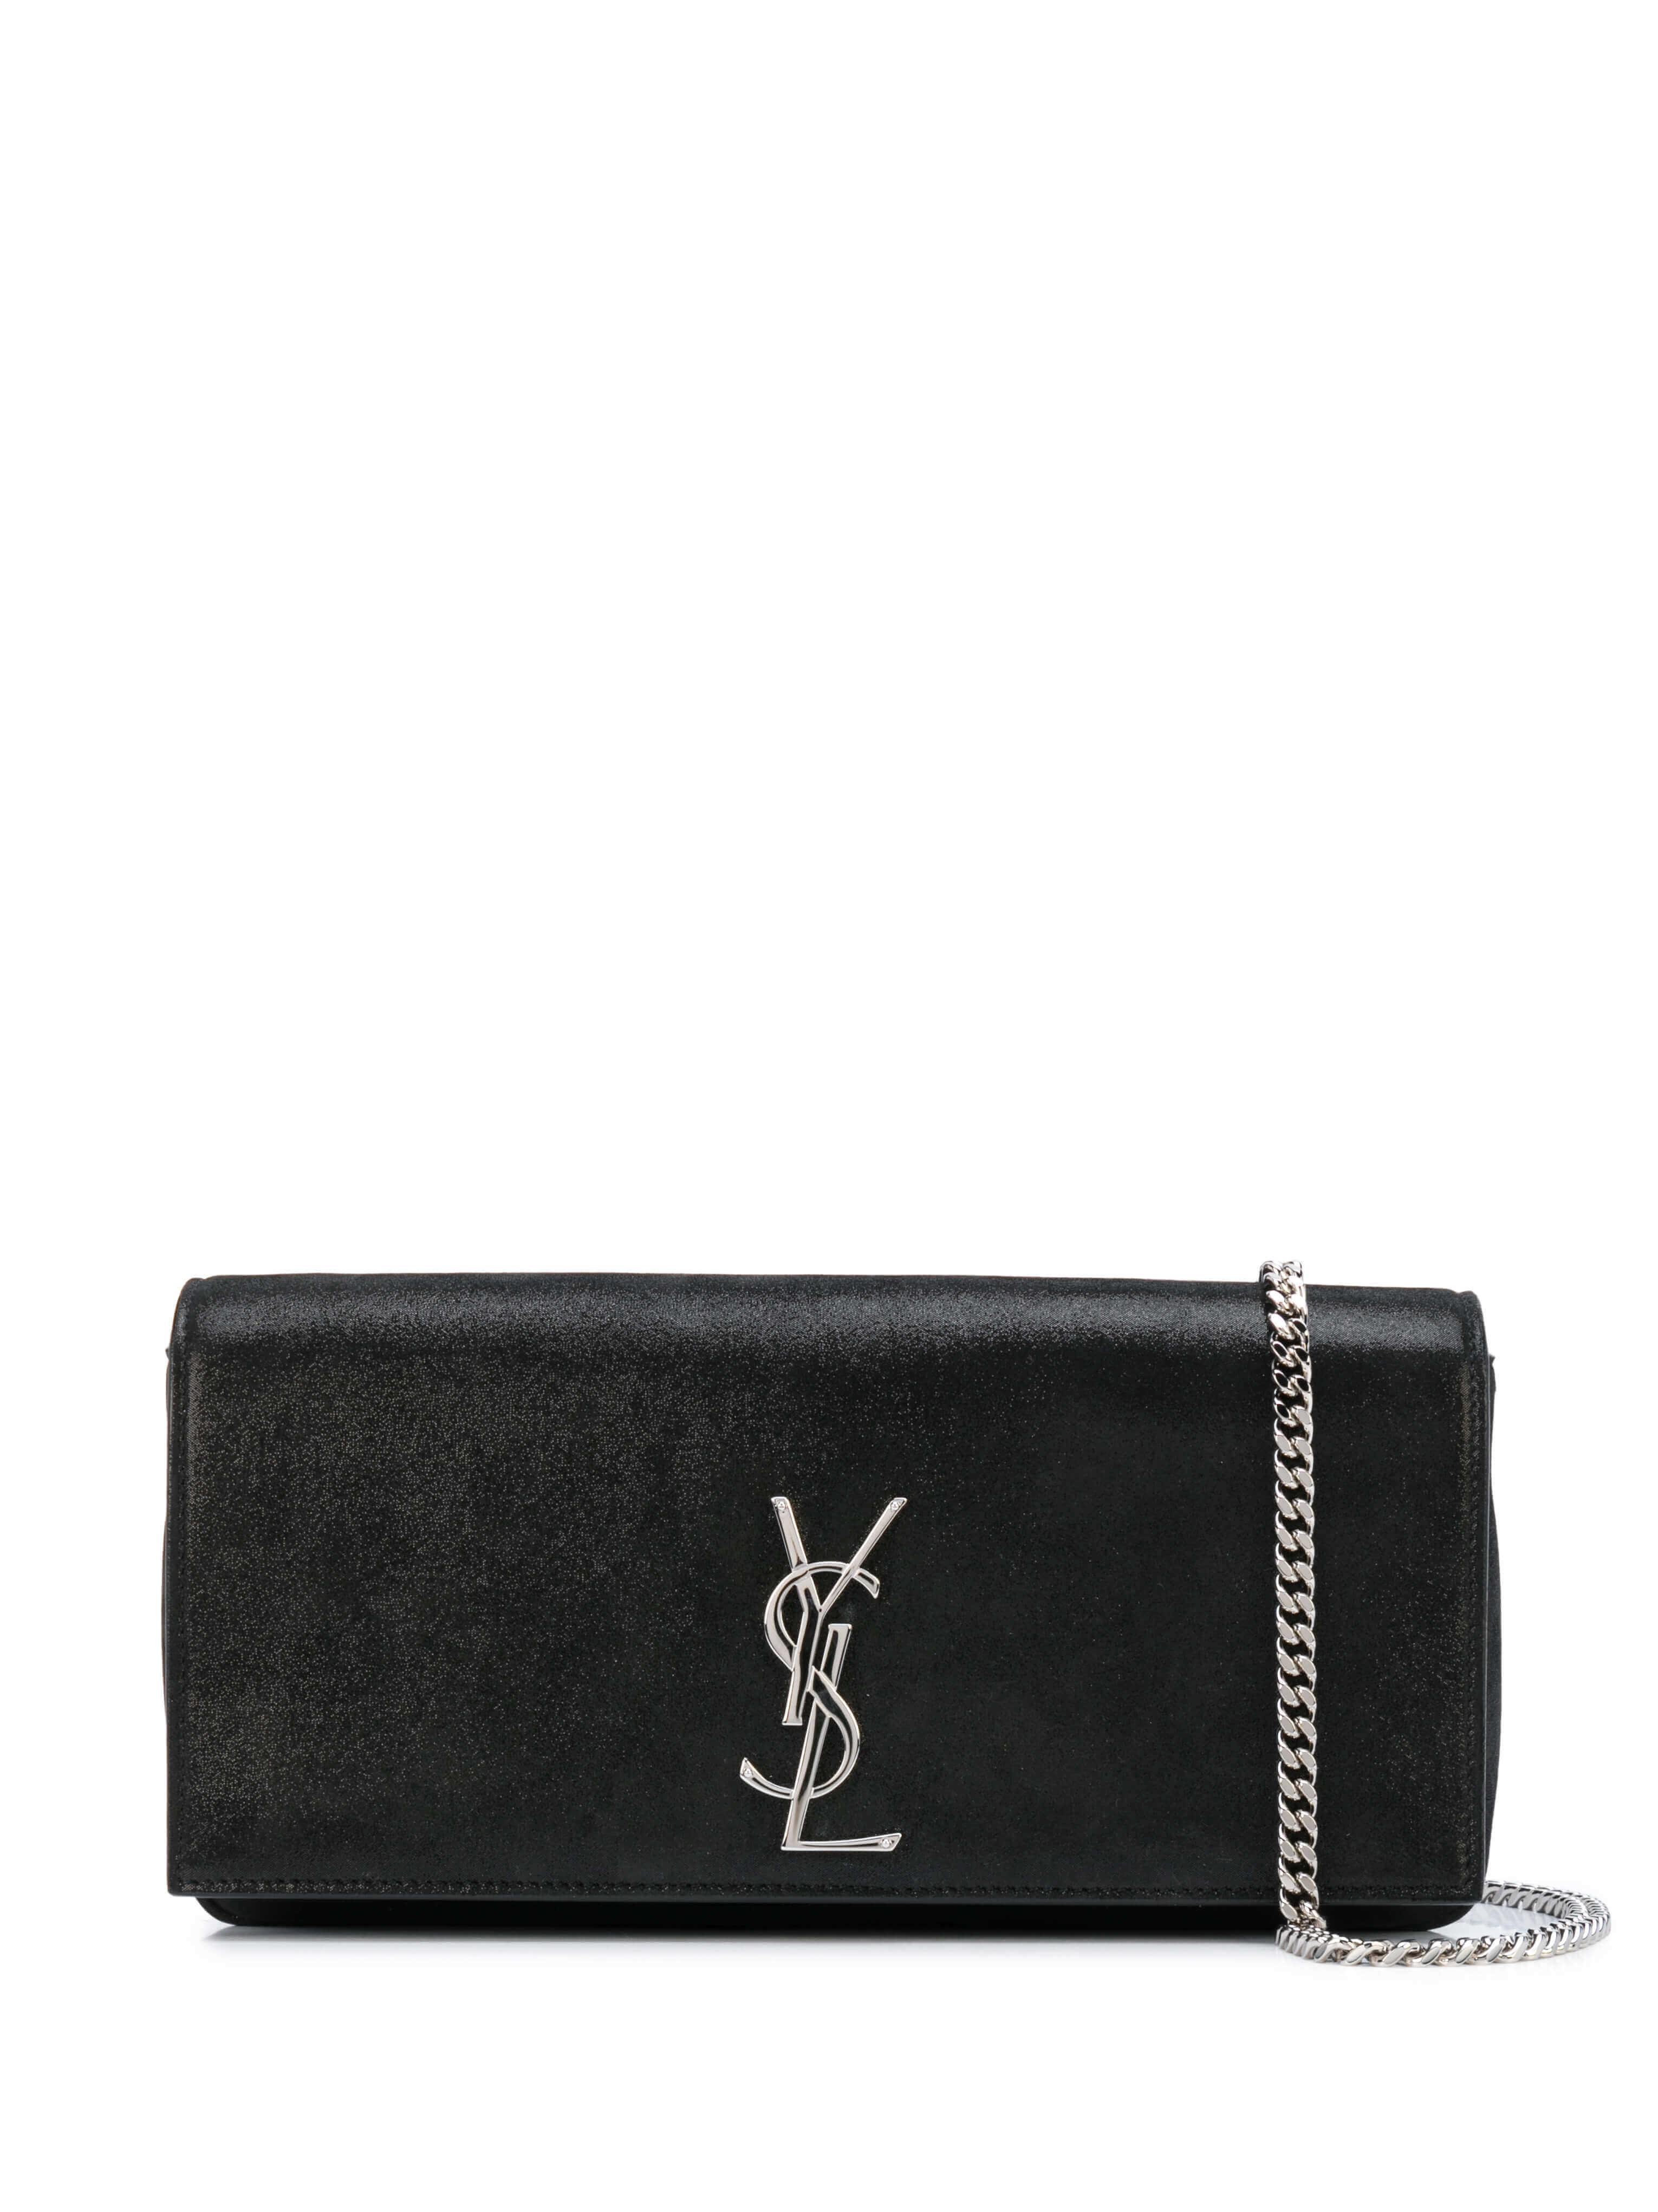 Kate Shoulder Bag Item # 604288D9S0N